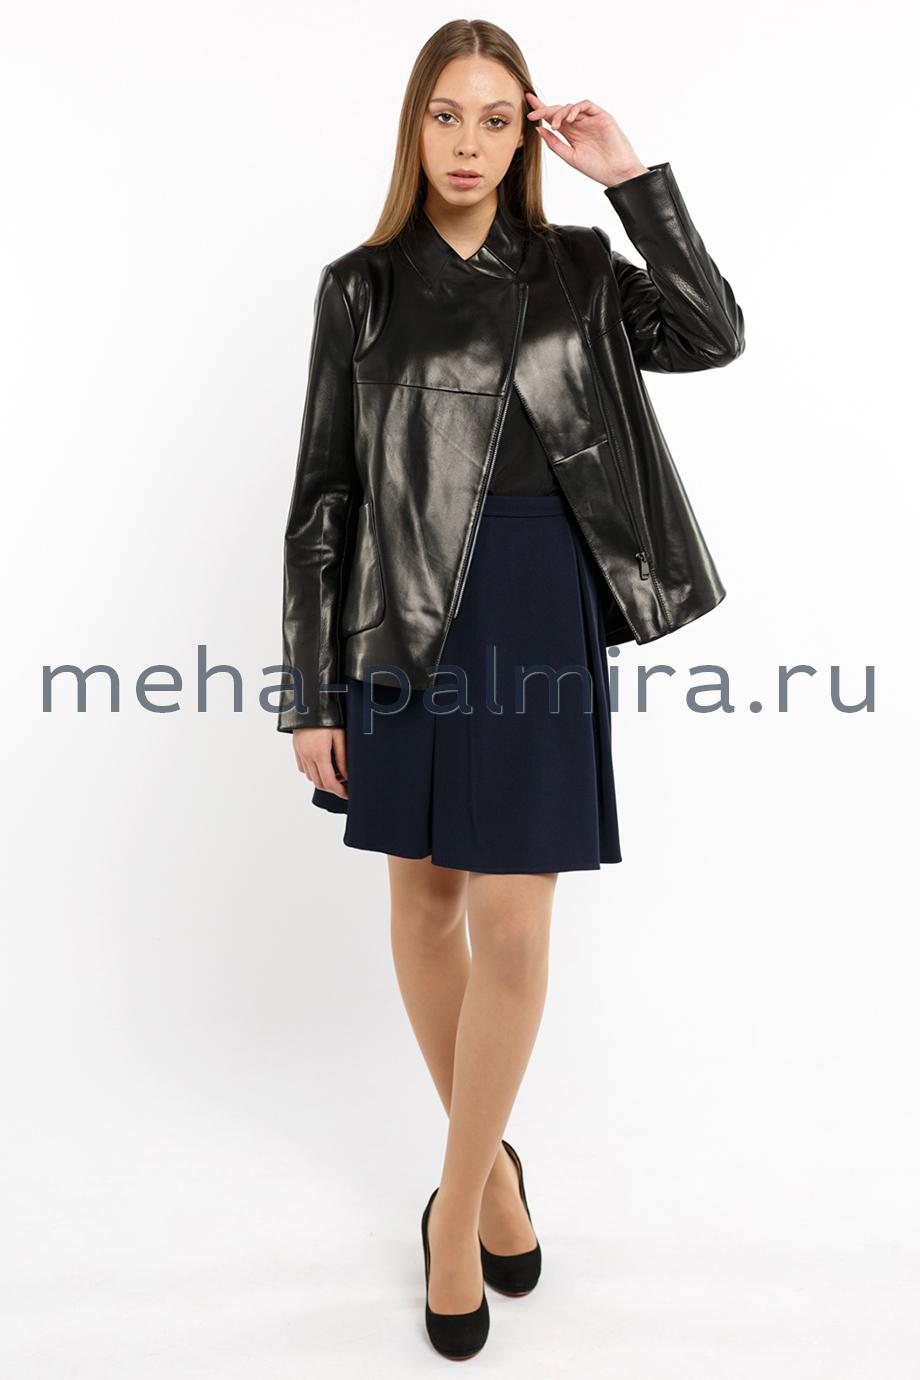 Женская кожаная куртка прямая